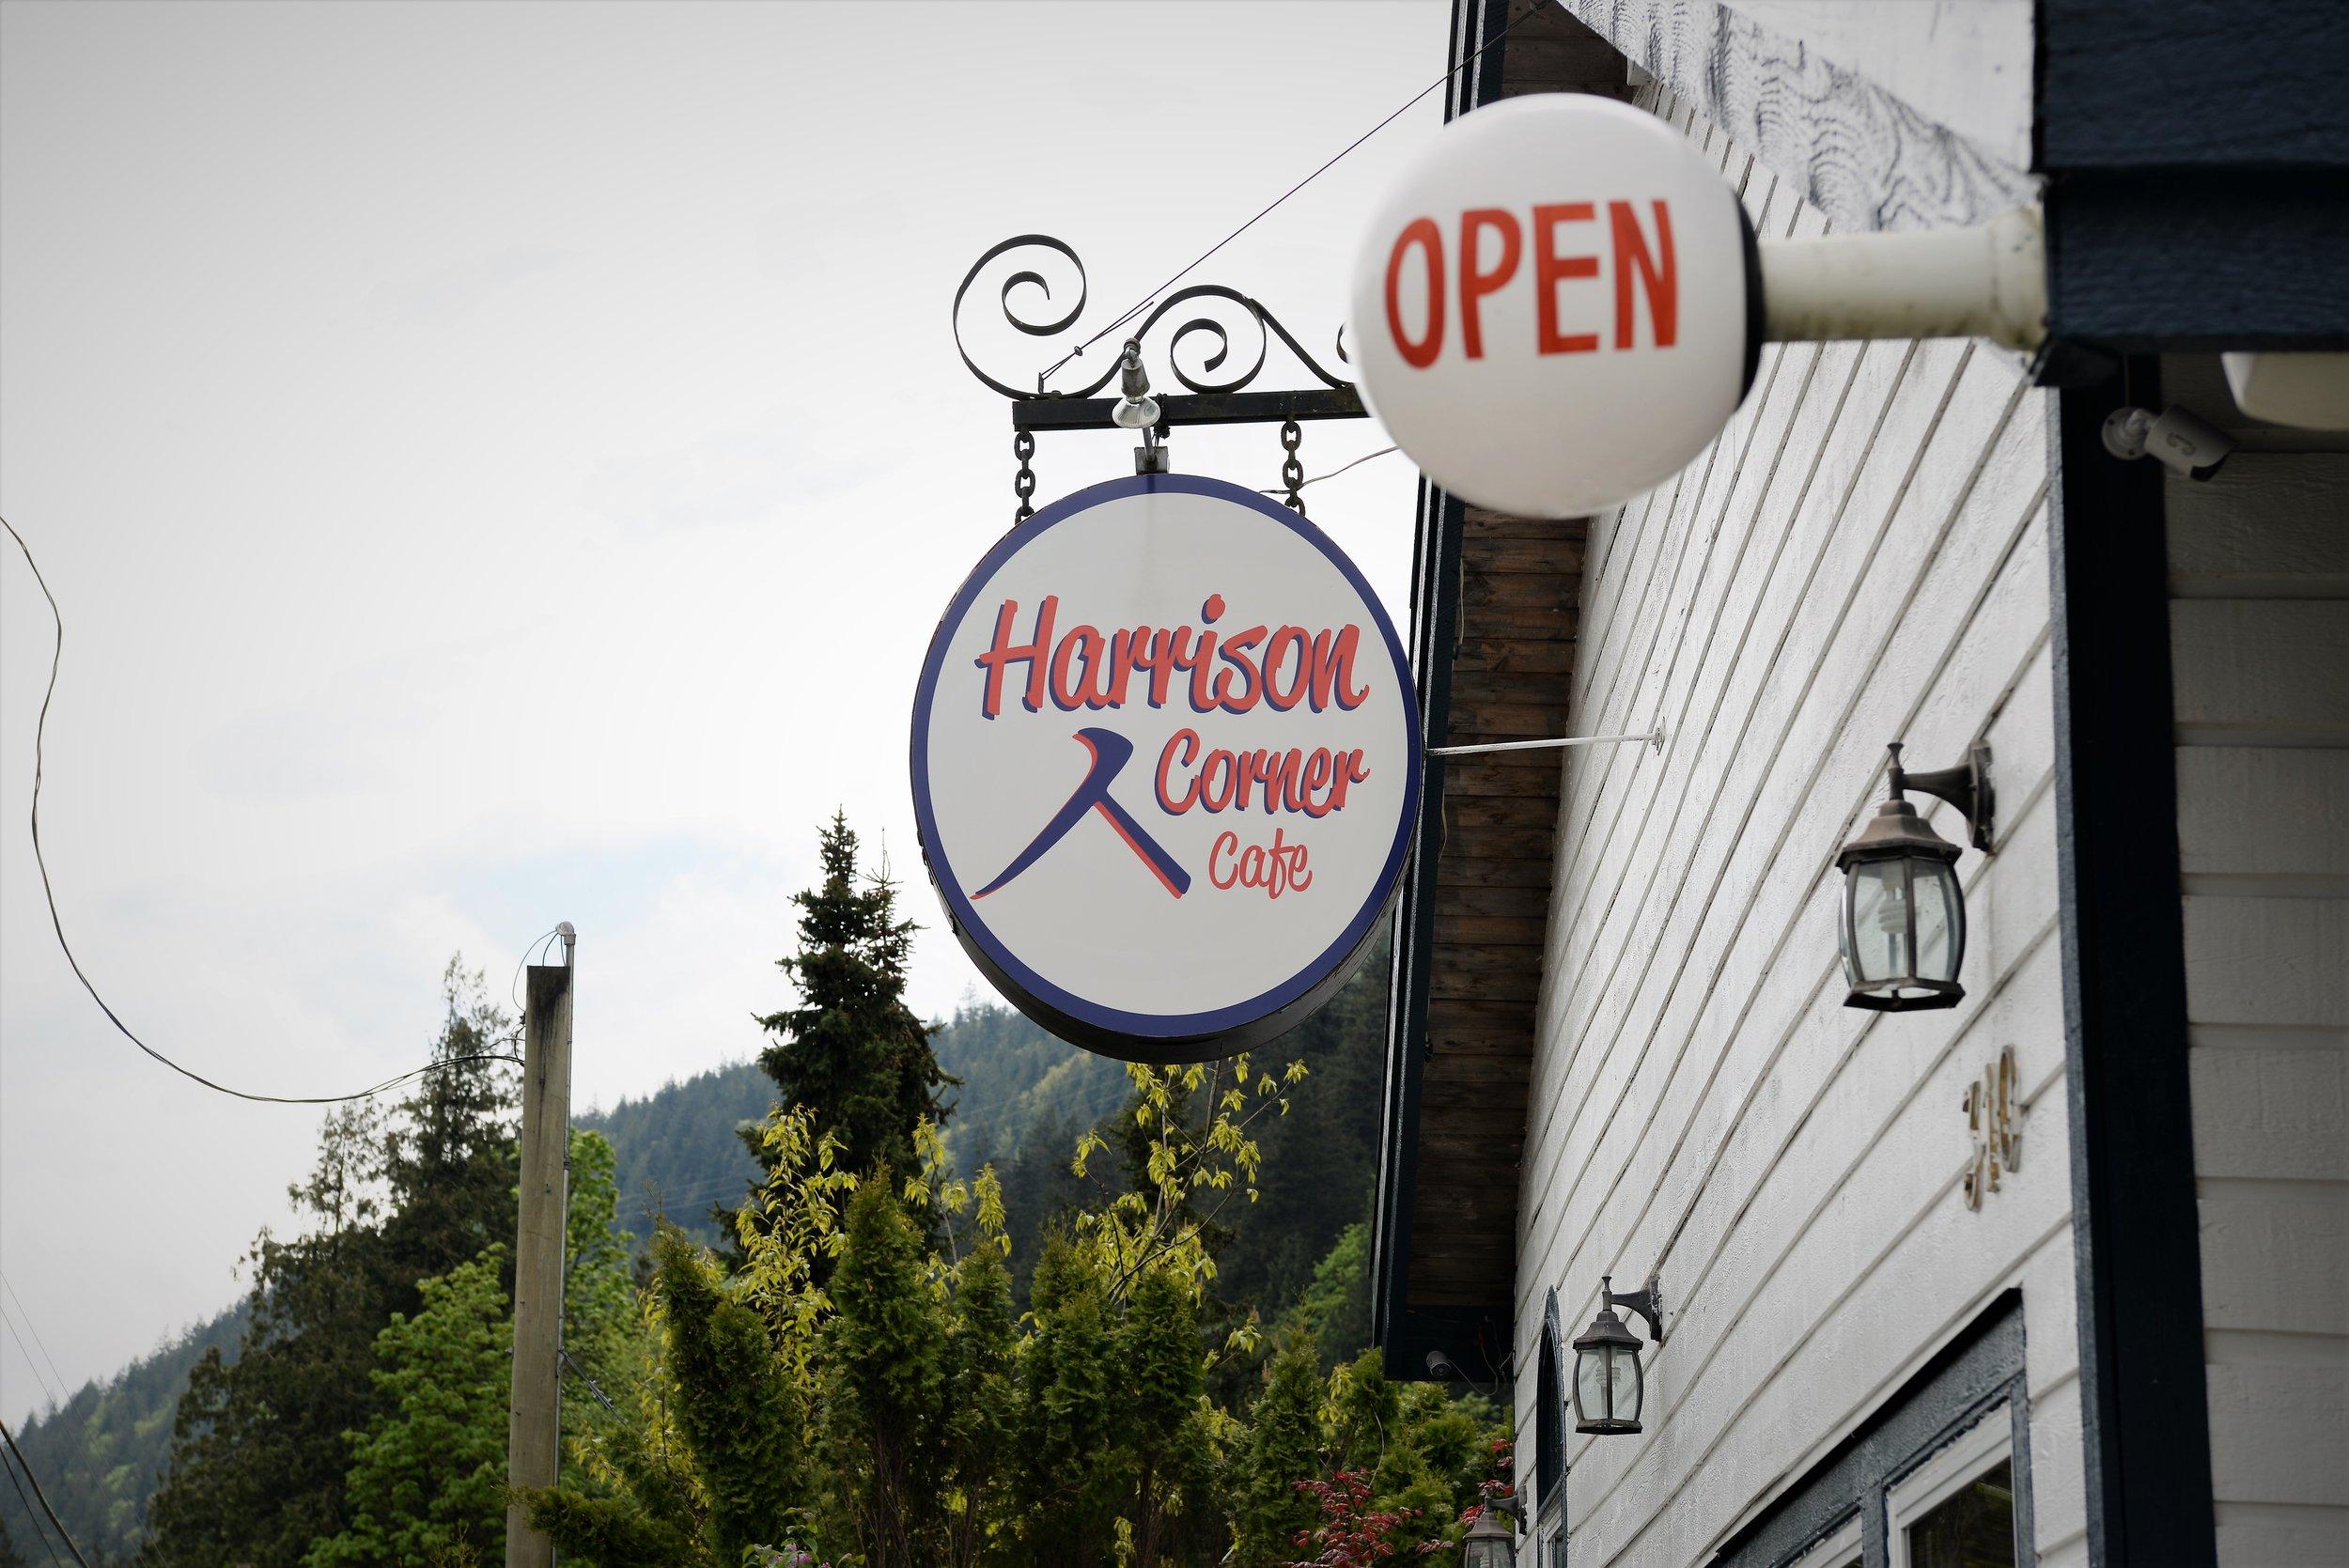 harrison corner cafe